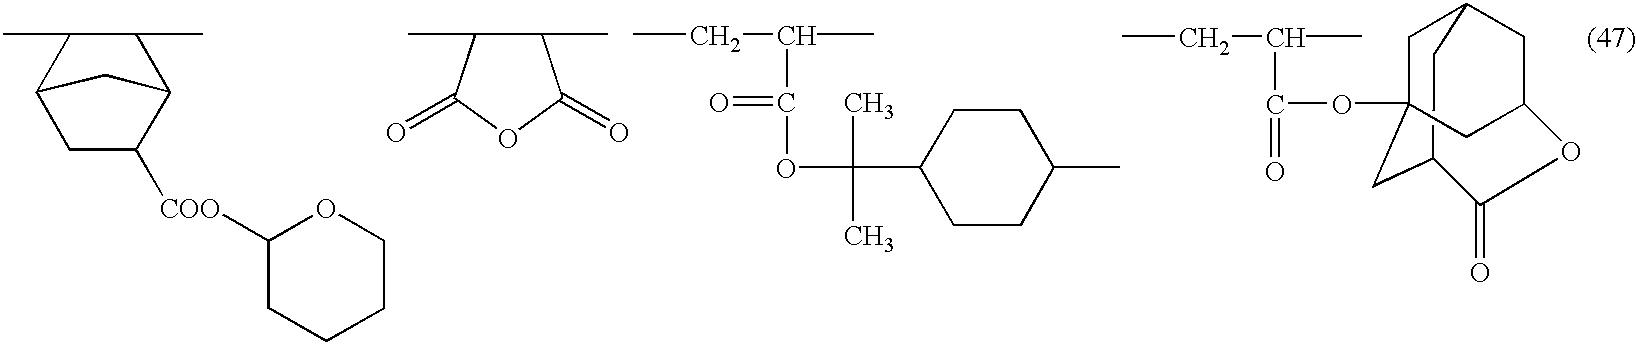 Figure US20030186161A1-20031002-C00165